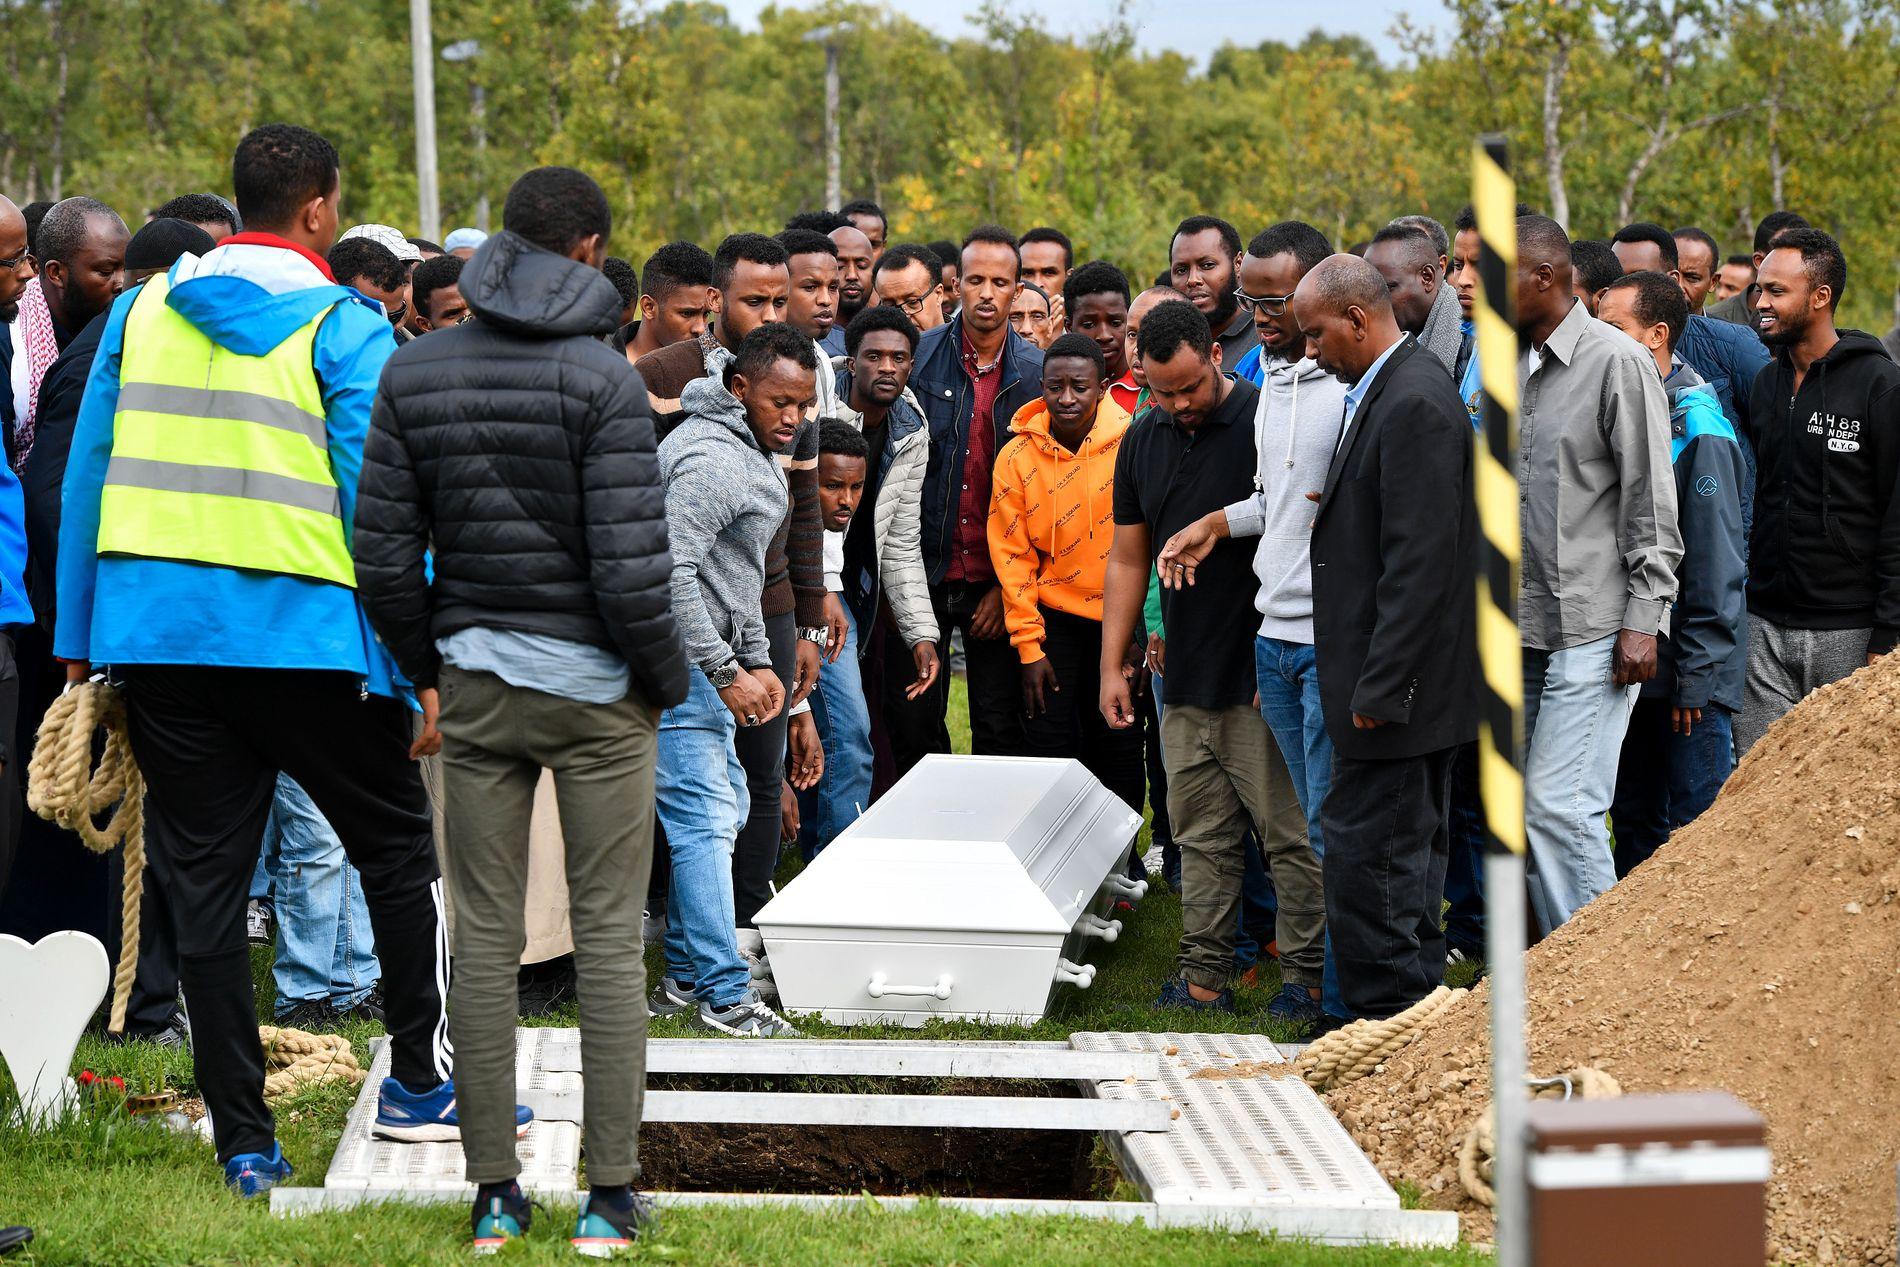 TOK FARVEL: Bårene ble senket i jorden på Sandnessund gravlund torsdag ettermiddag.